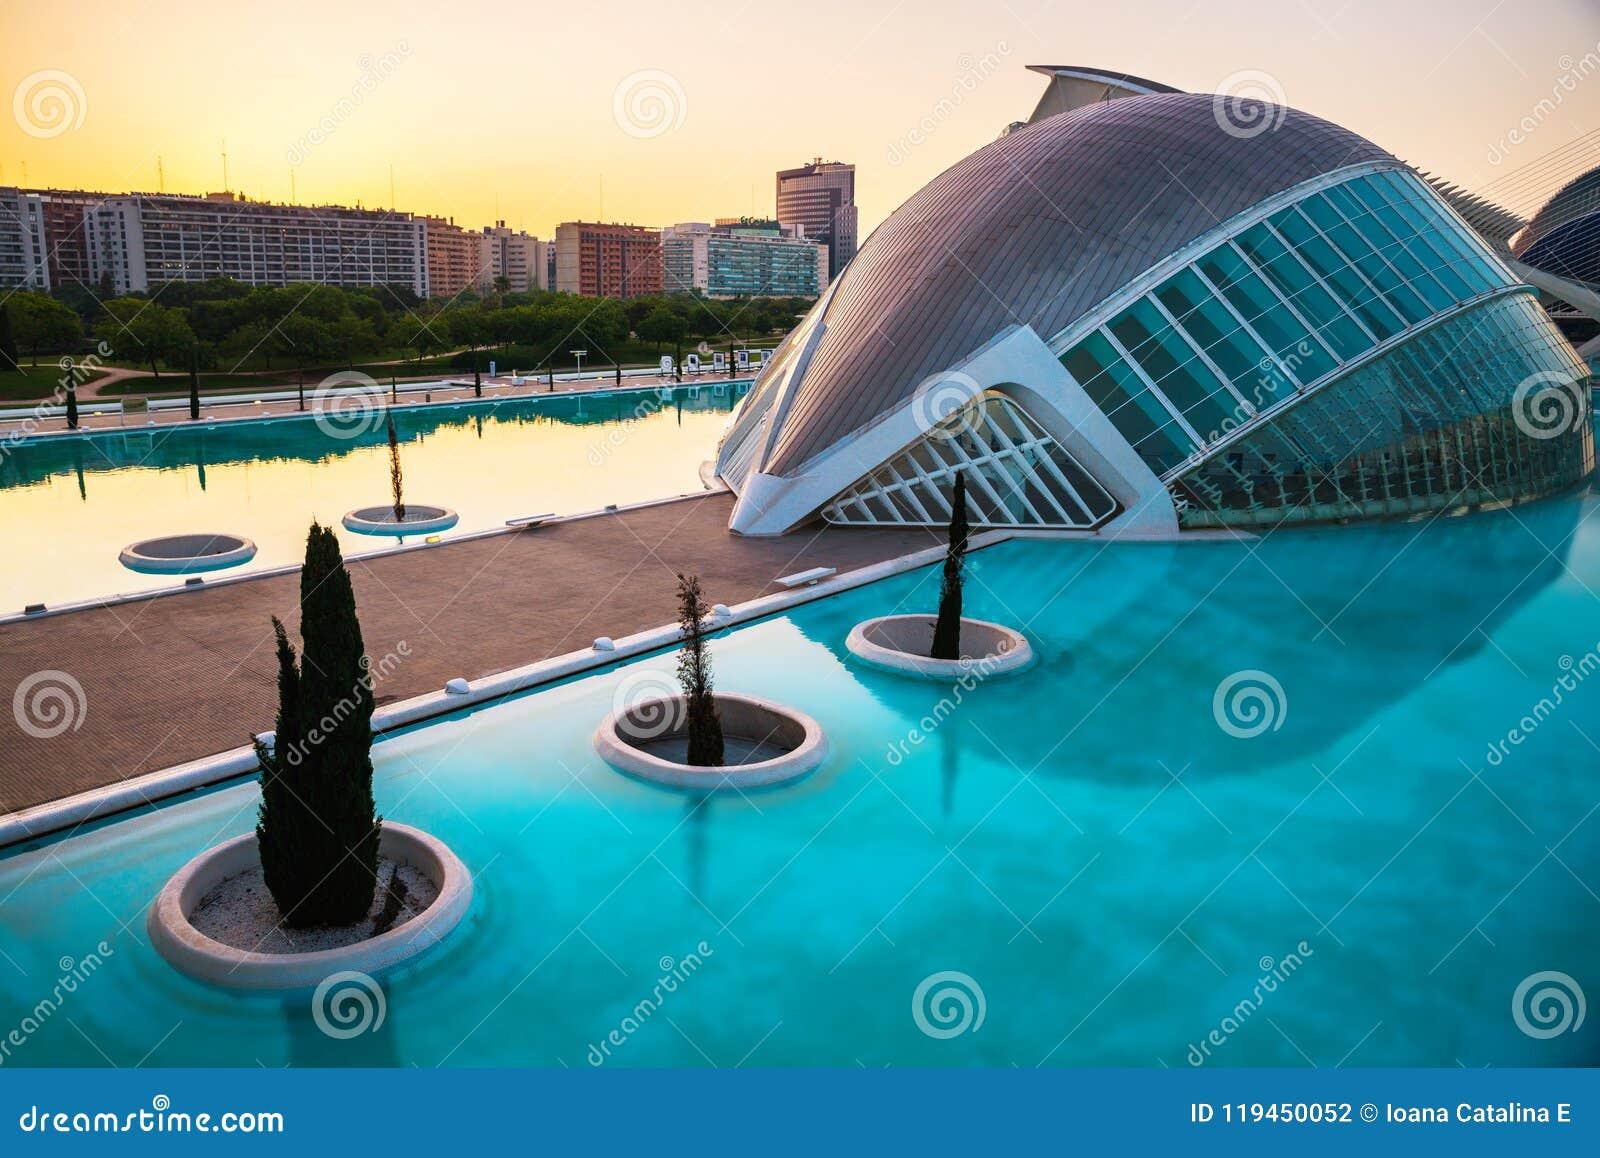 Les arts mettent en boîte la ville de l hemisferic les Palau que les sciences de reina voient Sofia